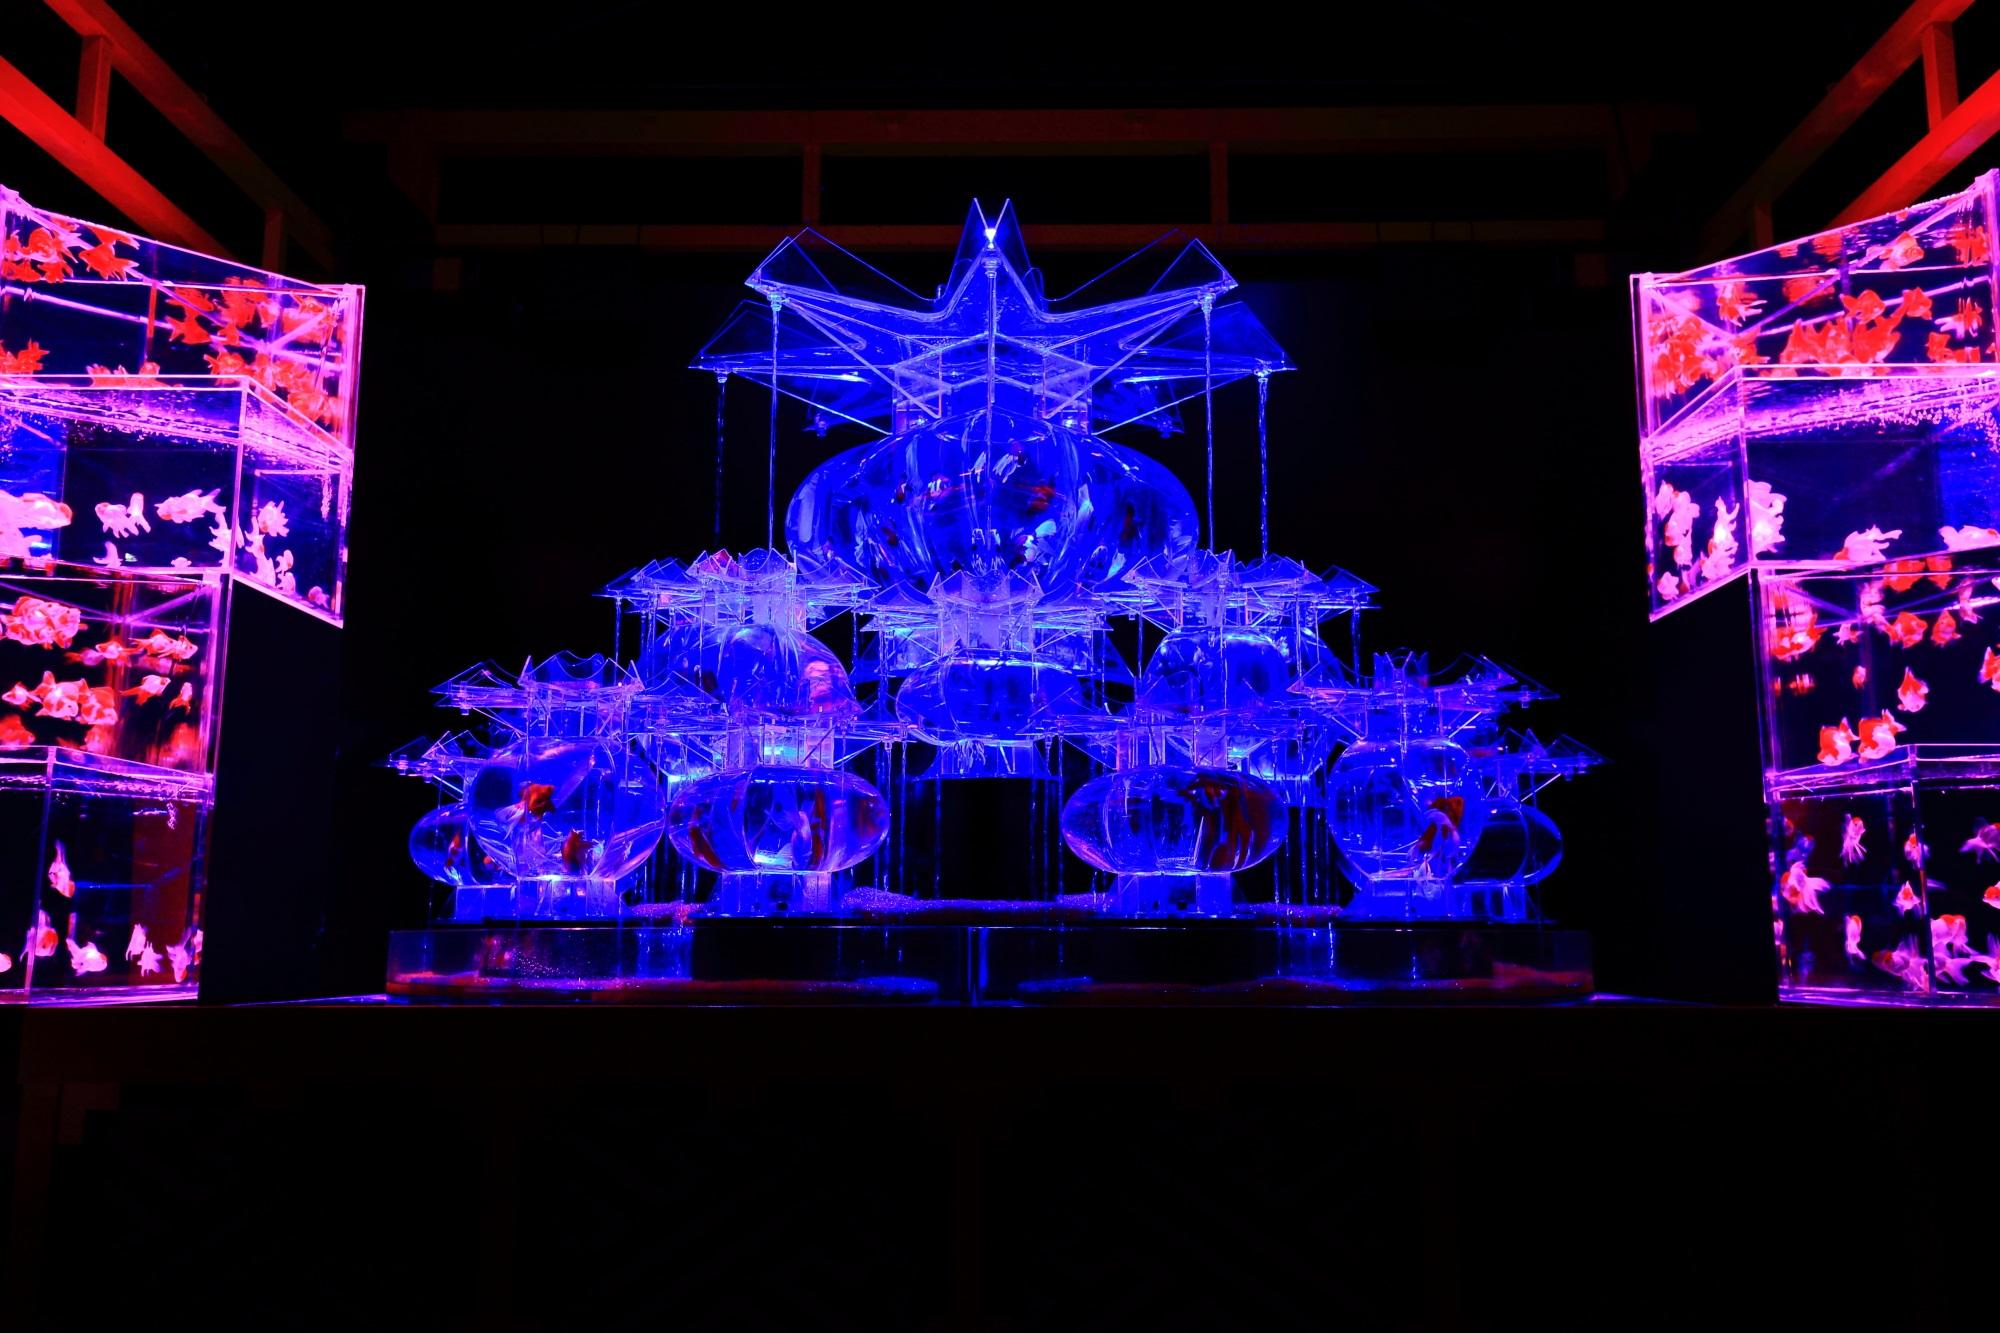 幻想的な金魚の舞 アートアクアリウム城 大奥 二条城